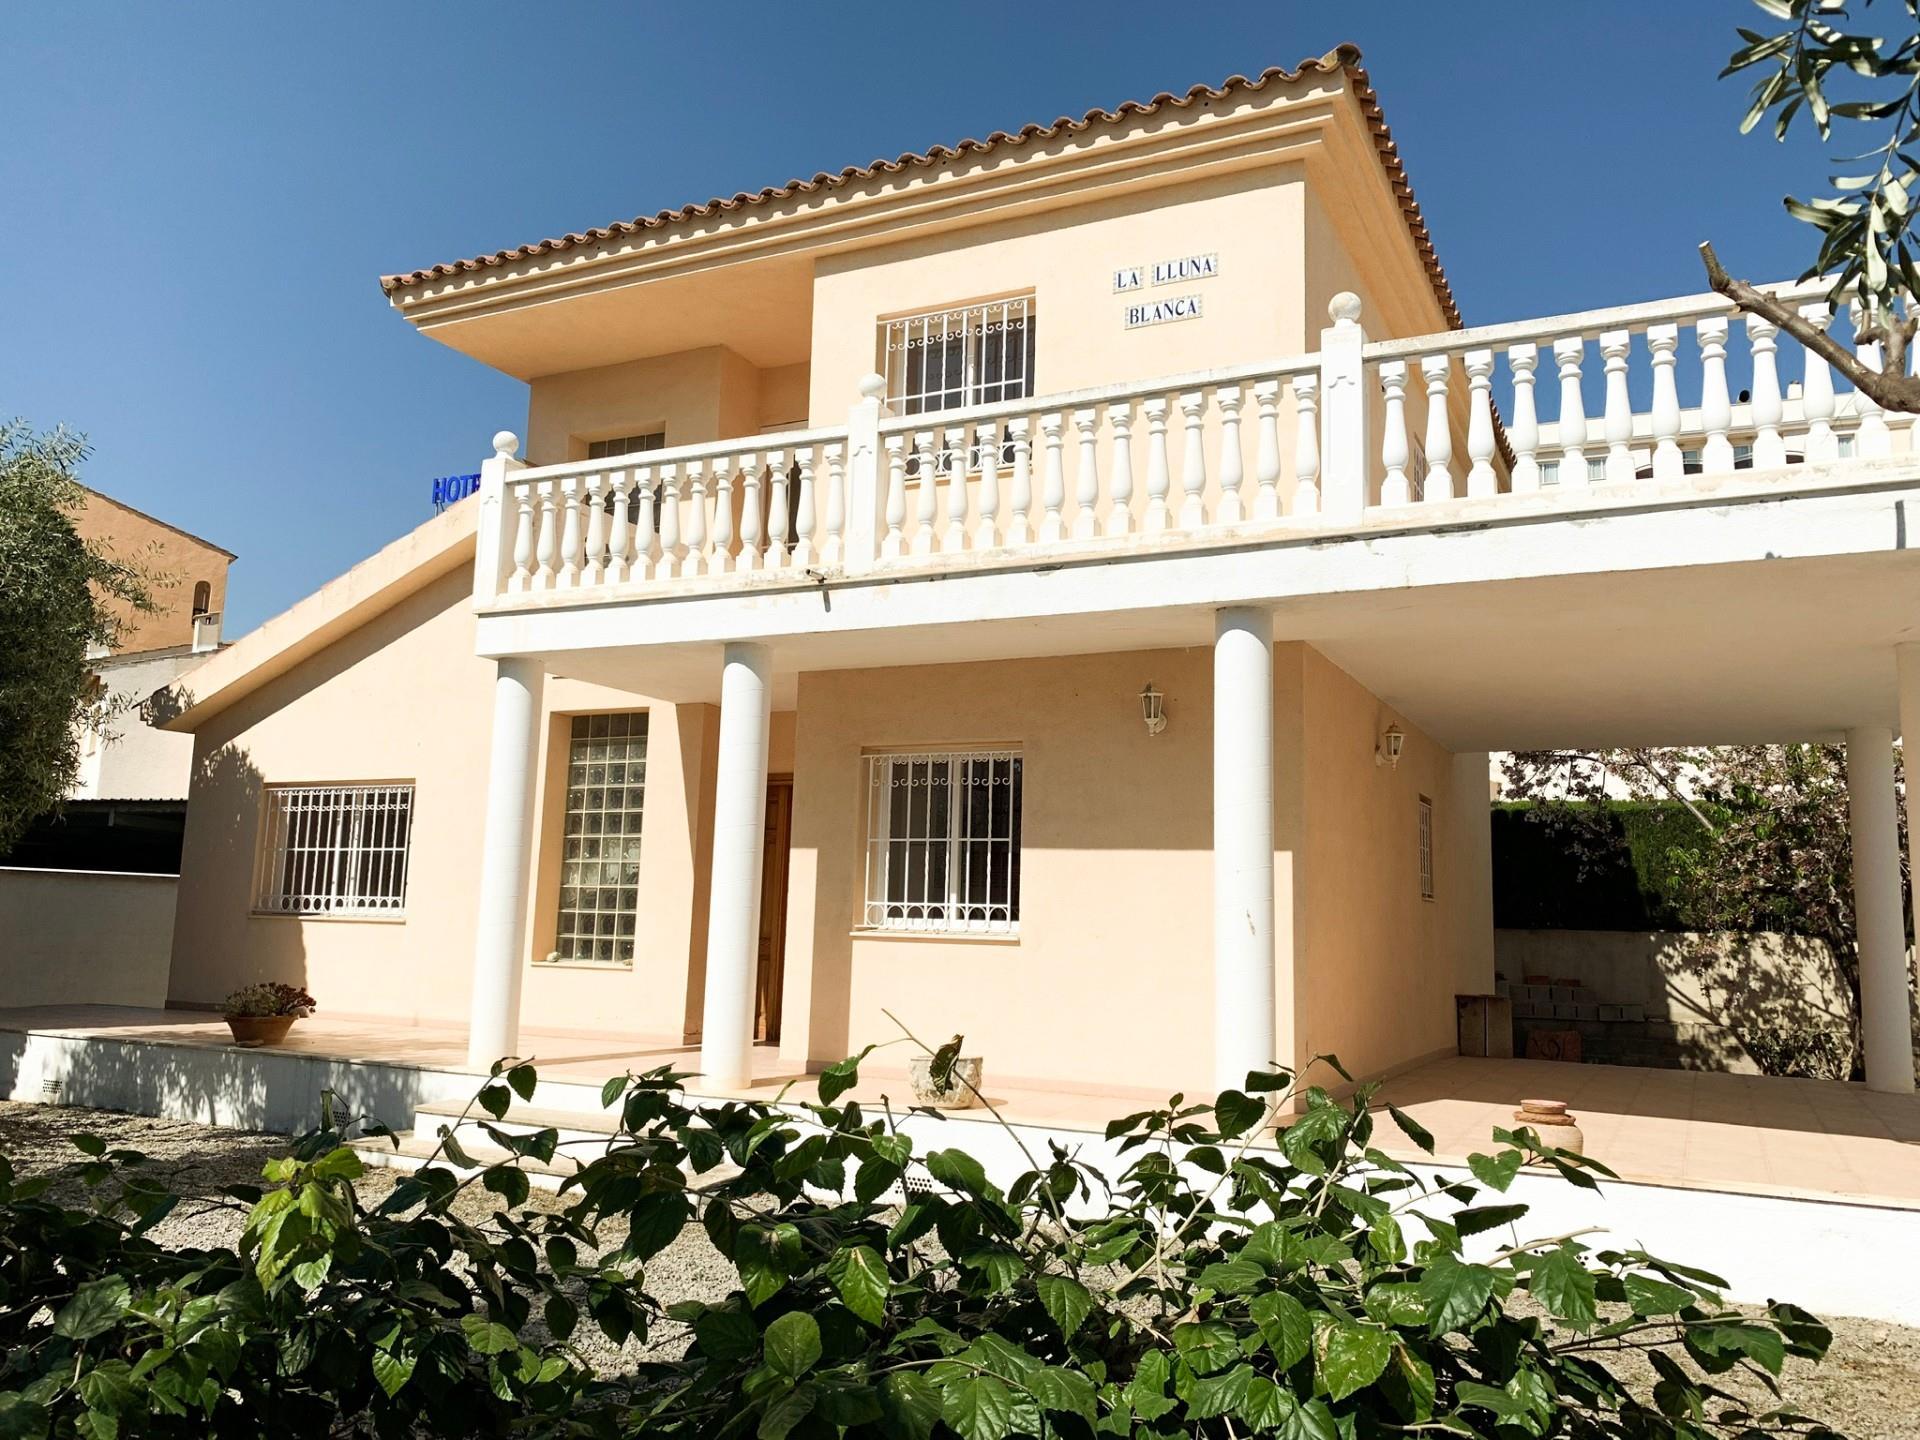 Casa  Avenida del papa luna. Playa norte / avenida del papa luna